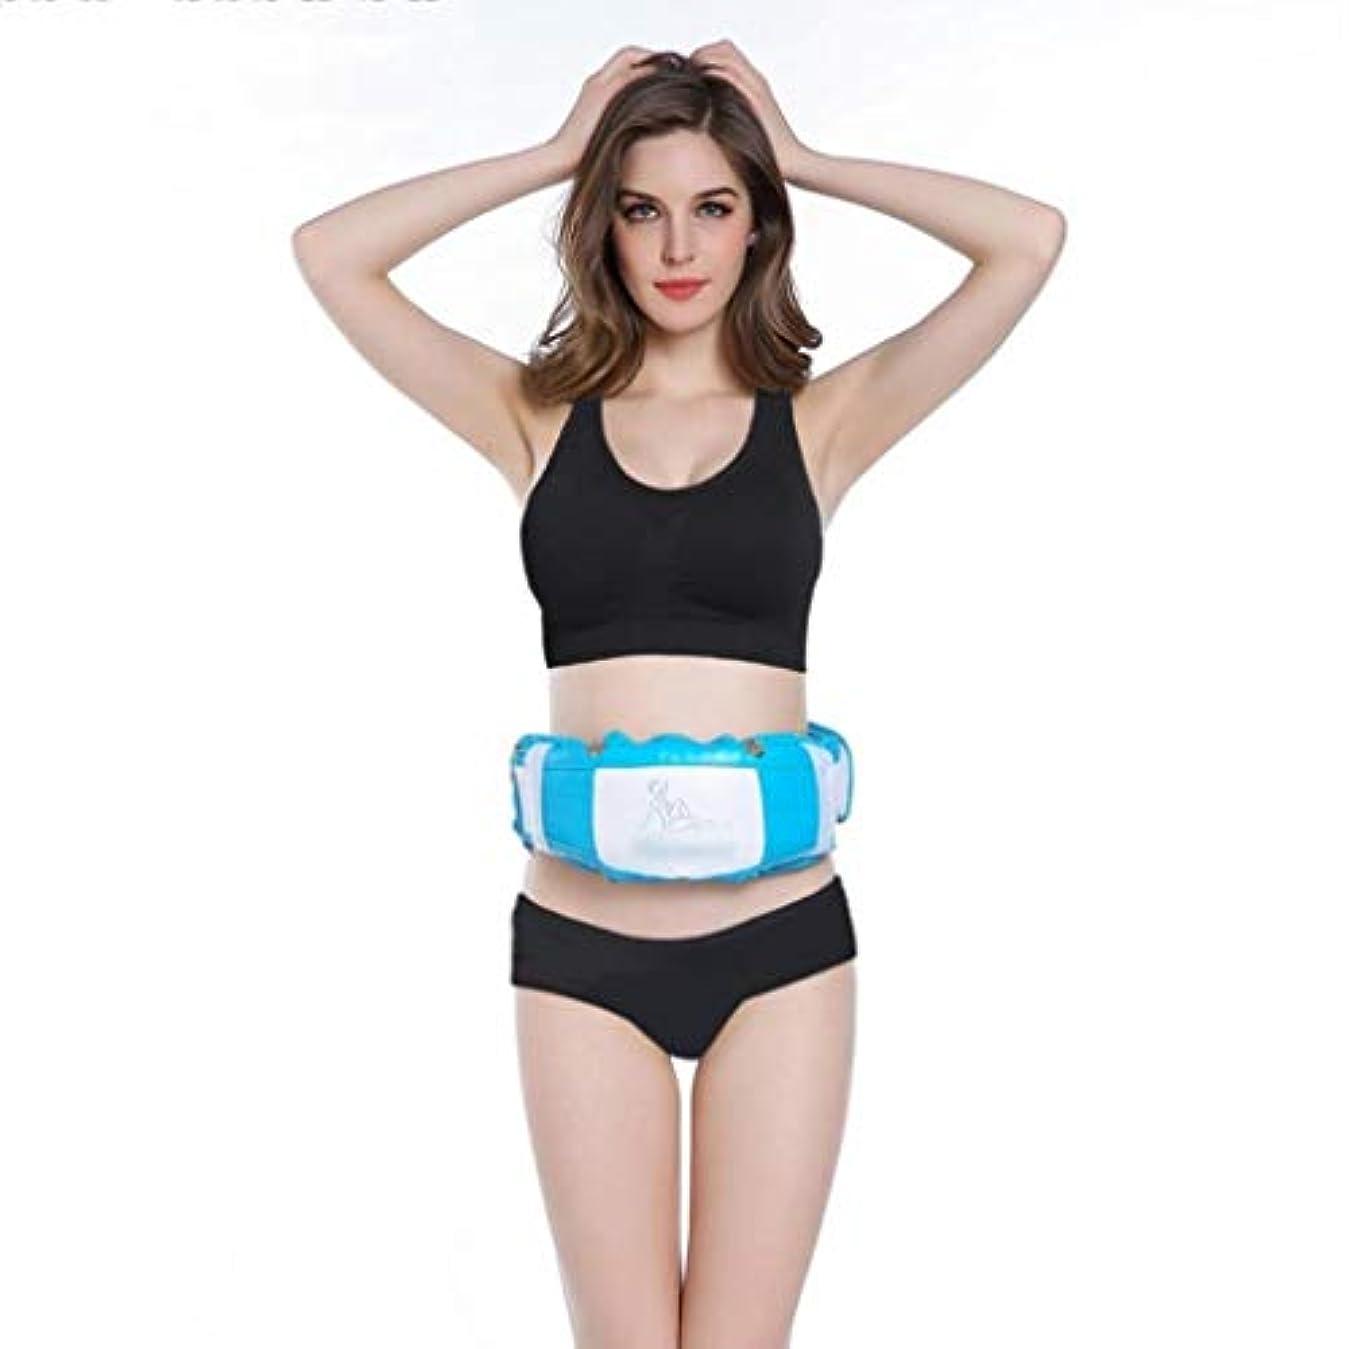 新年ヒギンズ安西体形Slim身ベルト、Slim身マシン、スポーツSlim身機器、細いウエストと細い腹、調整可能なフィットネスウエスト振動ベルト、男性と女性の減量機